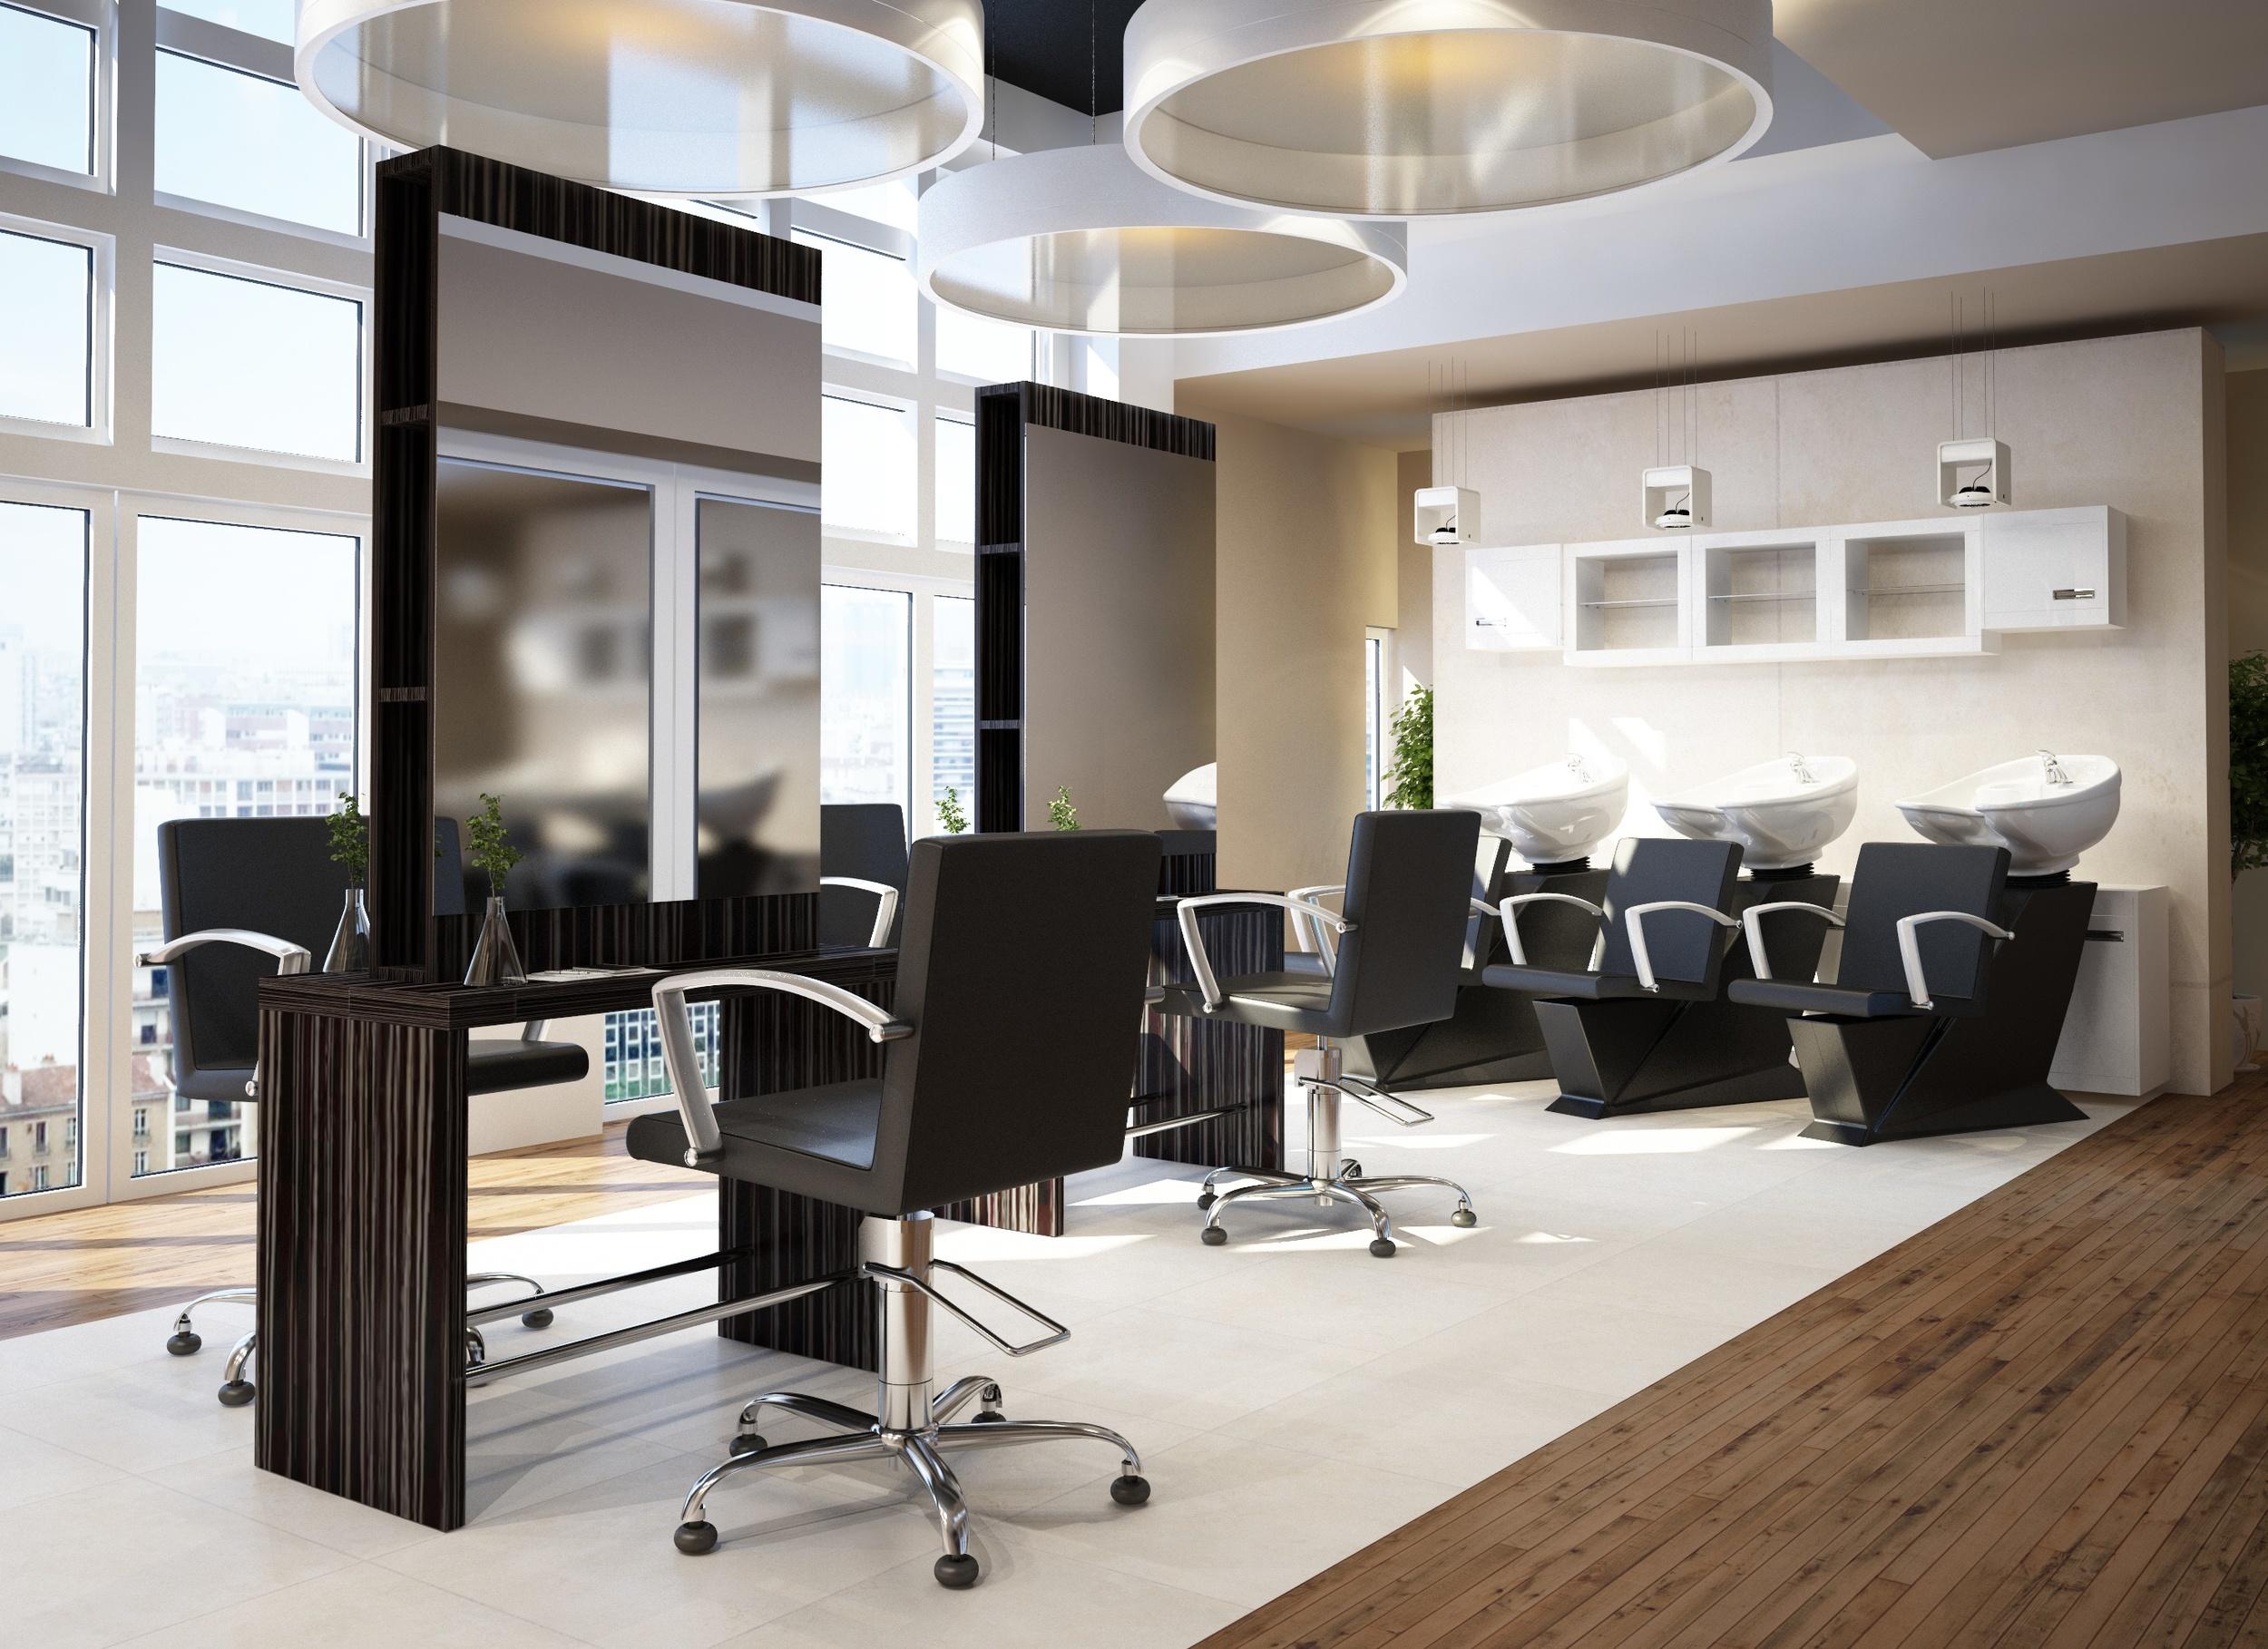 Wizualizacje mebli fryzjerskich_designova.jpg